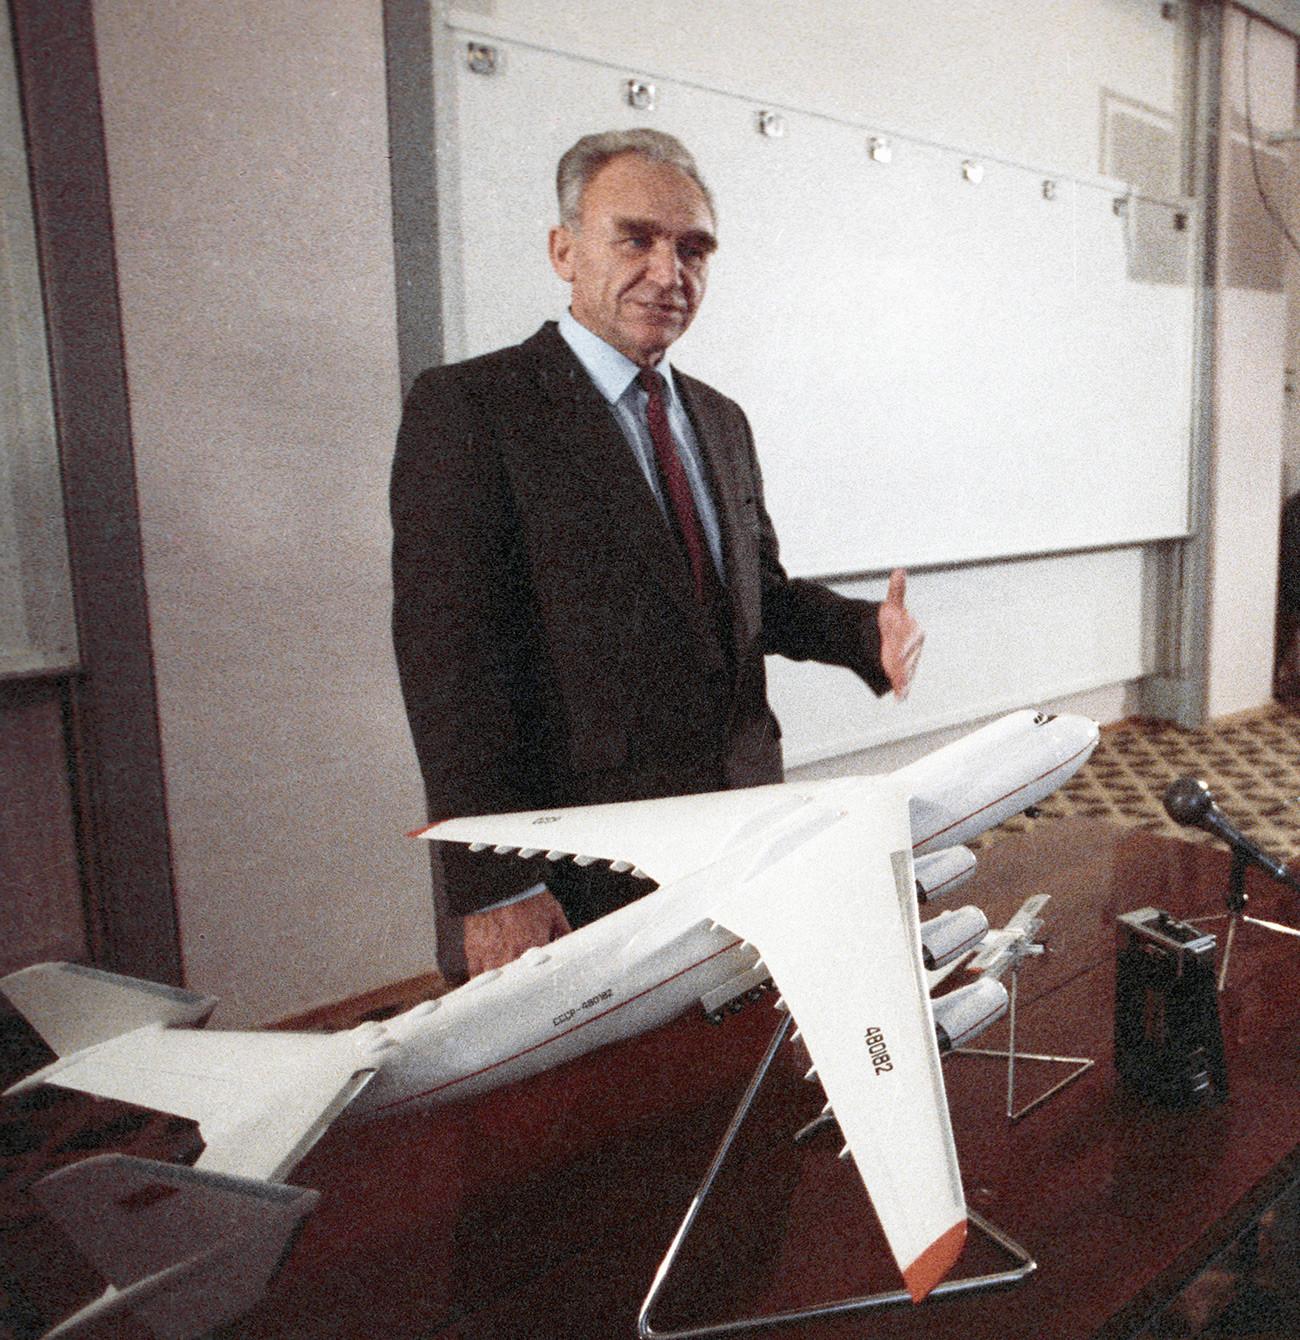 Perancang pesawat umum Peter Balabuev.